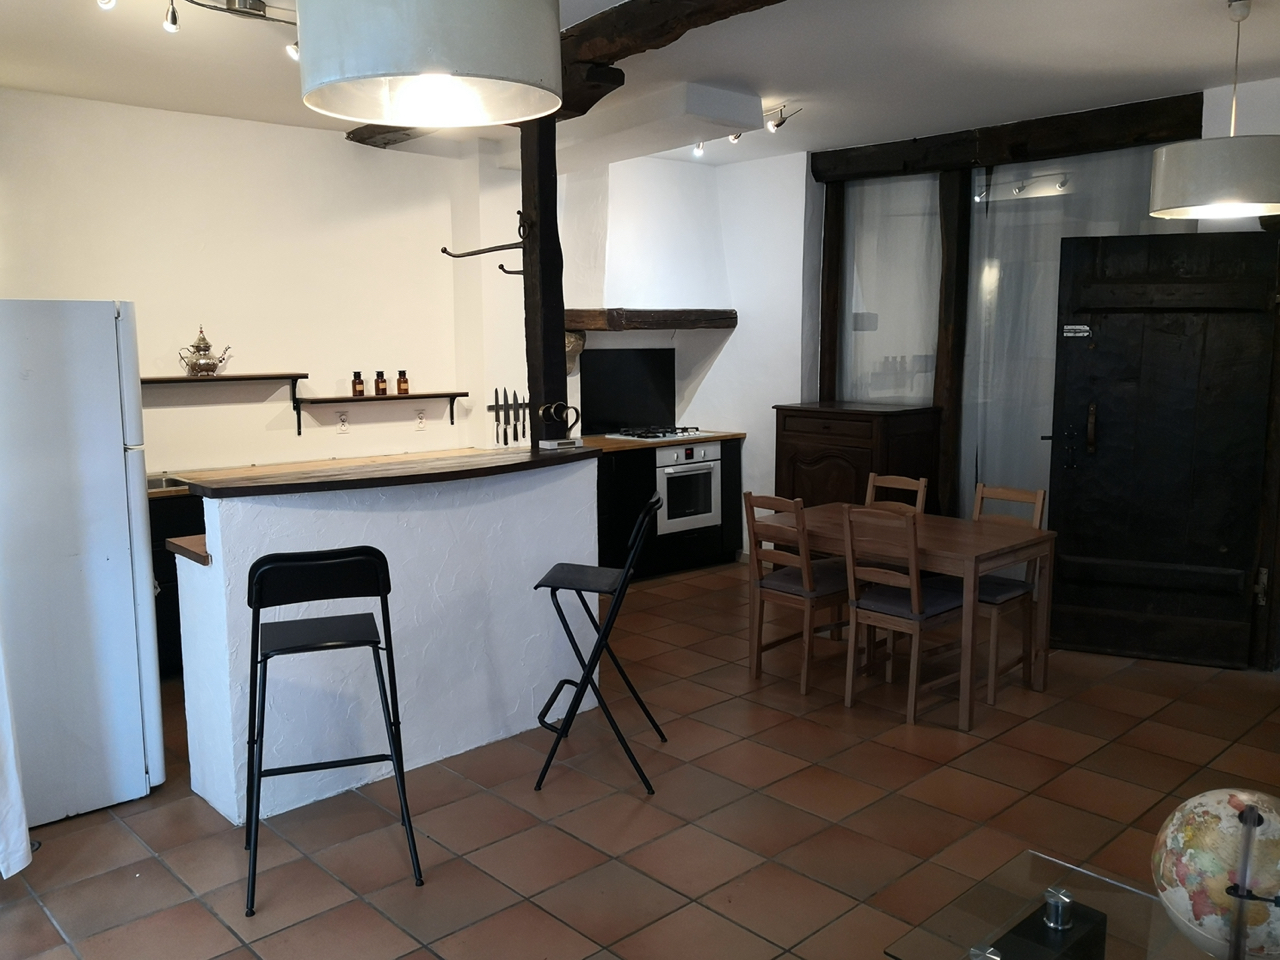 Vente appartement T3  à CIBOURE - 2